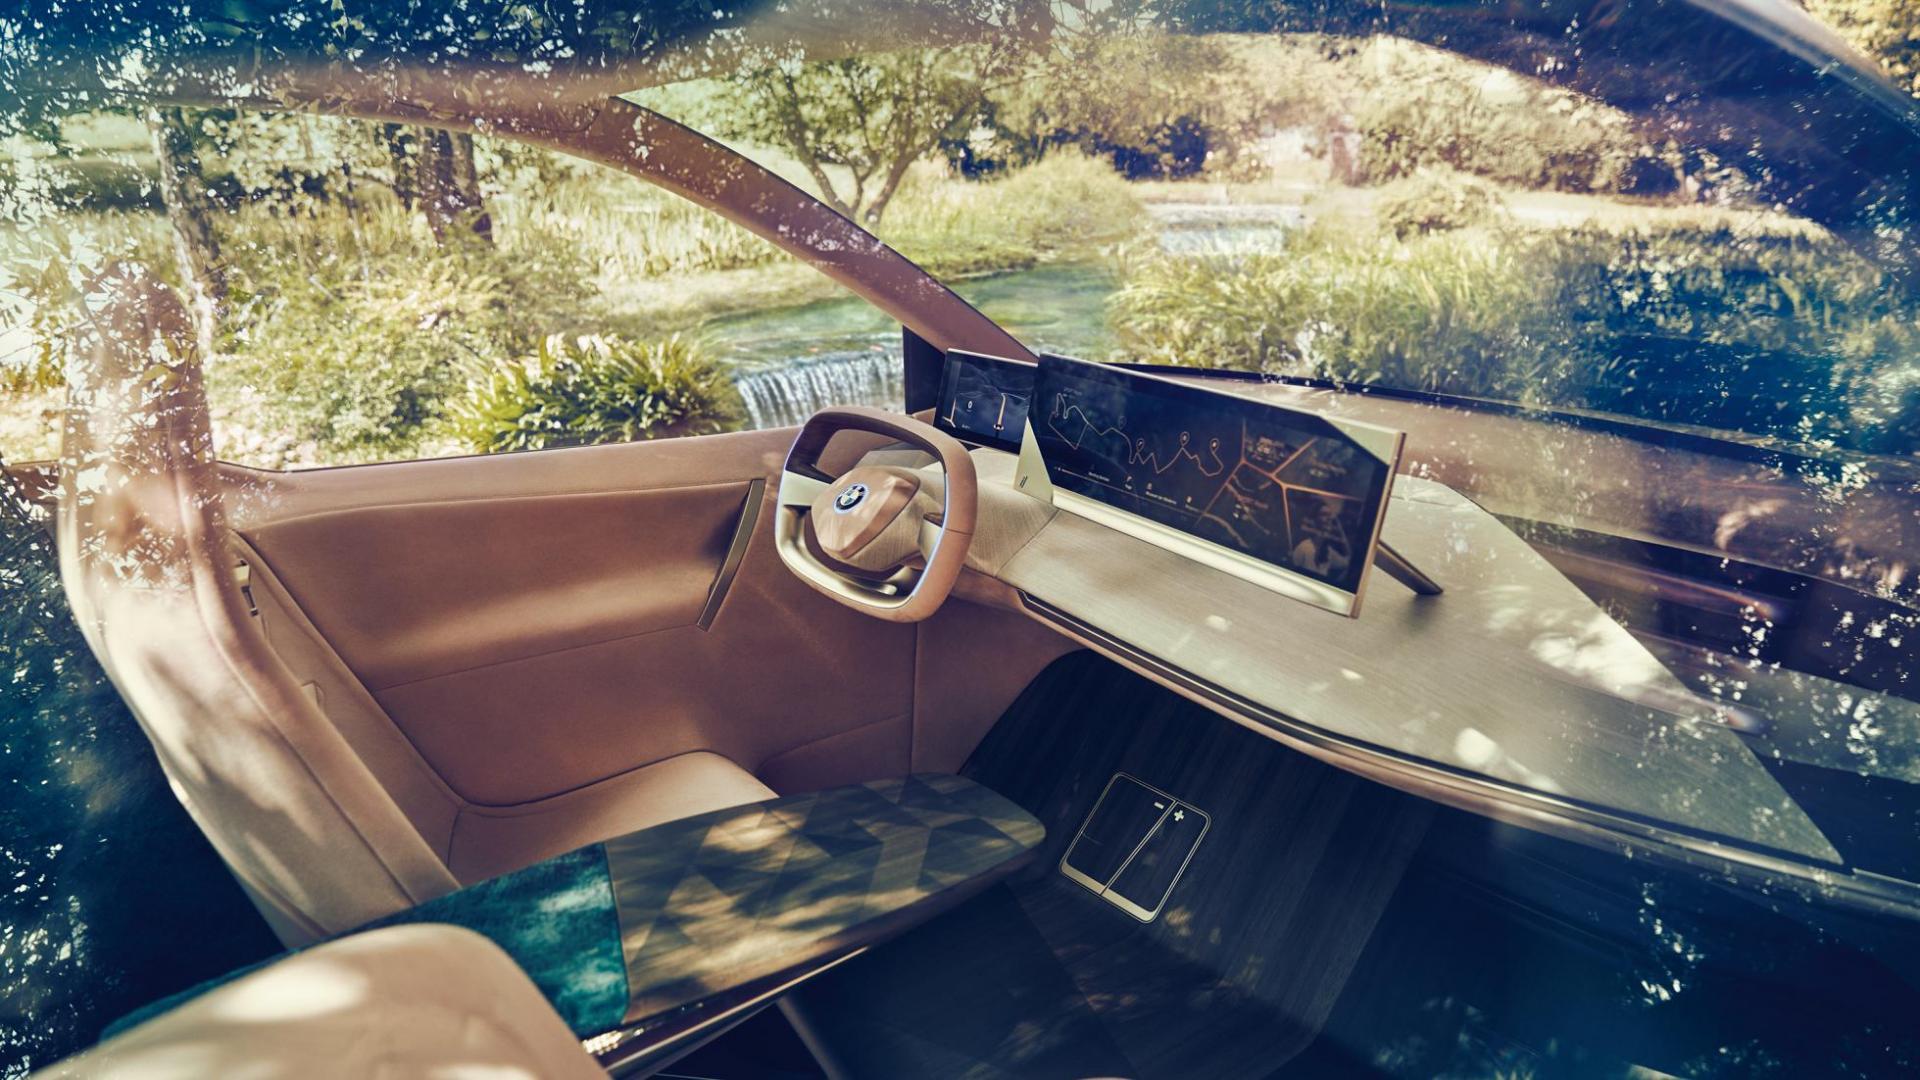 BMW Vision iNext concept interieur